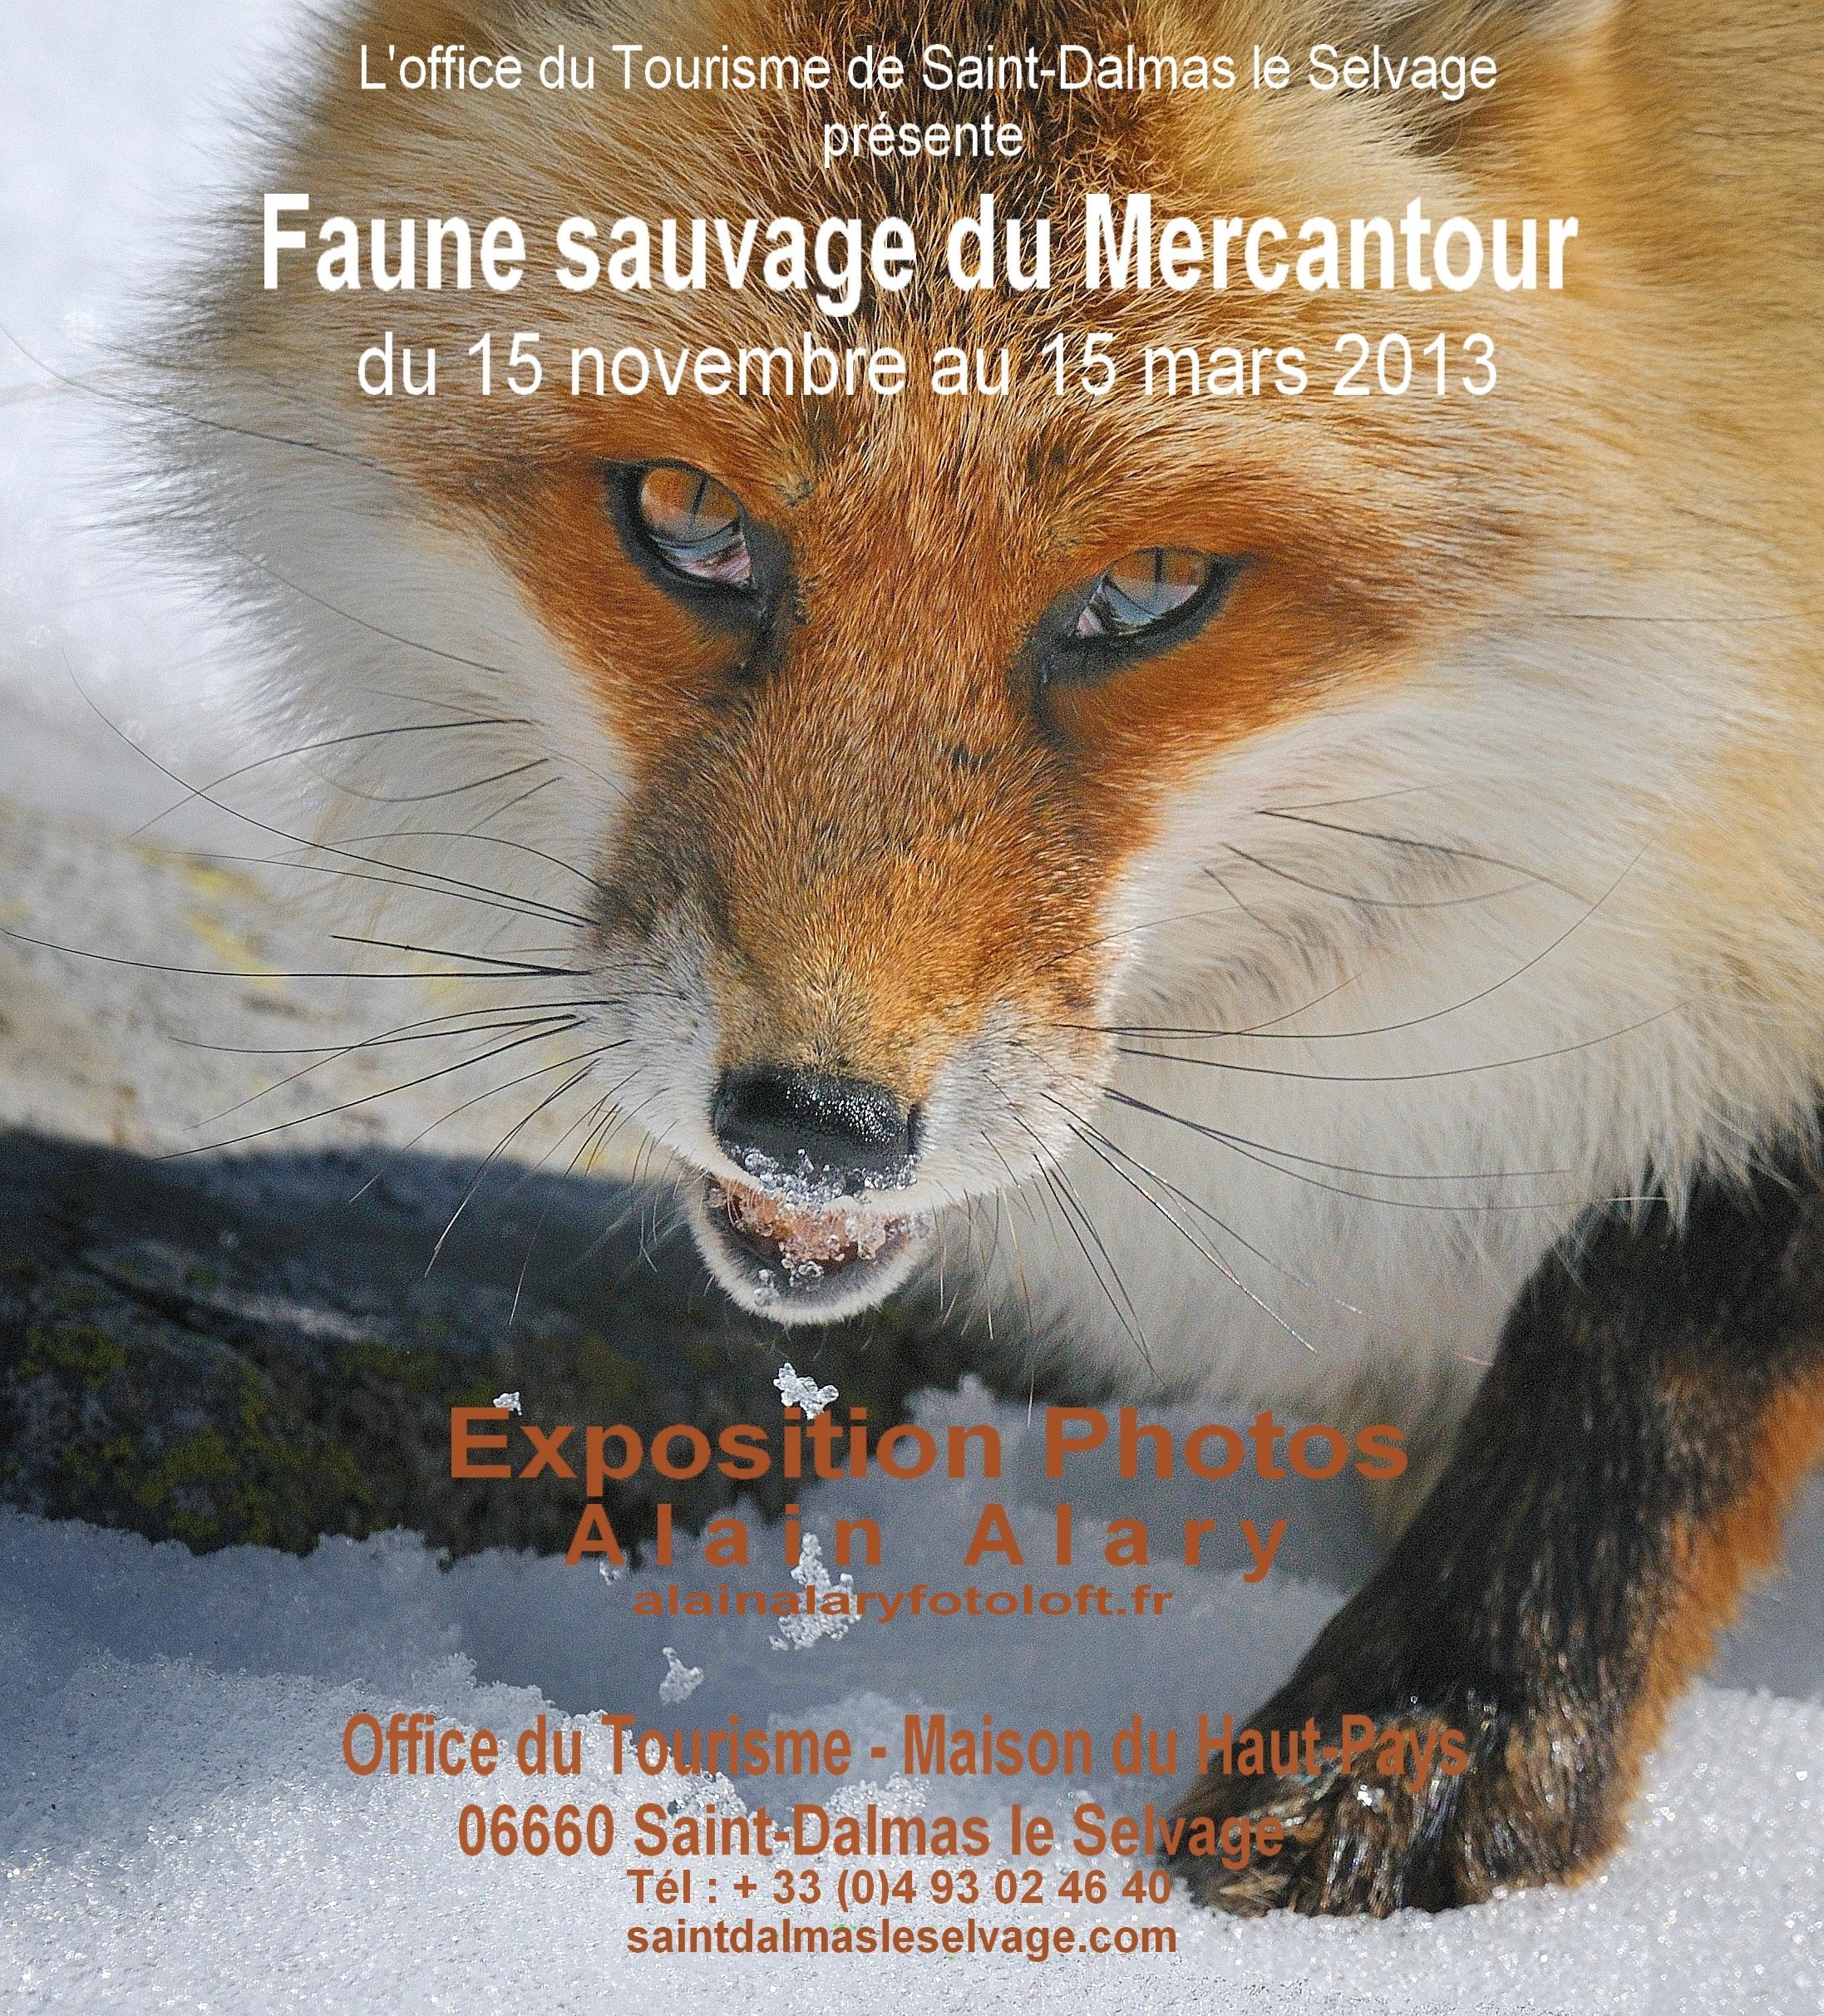 affiche expo Saint Dalmas le Selvage ok